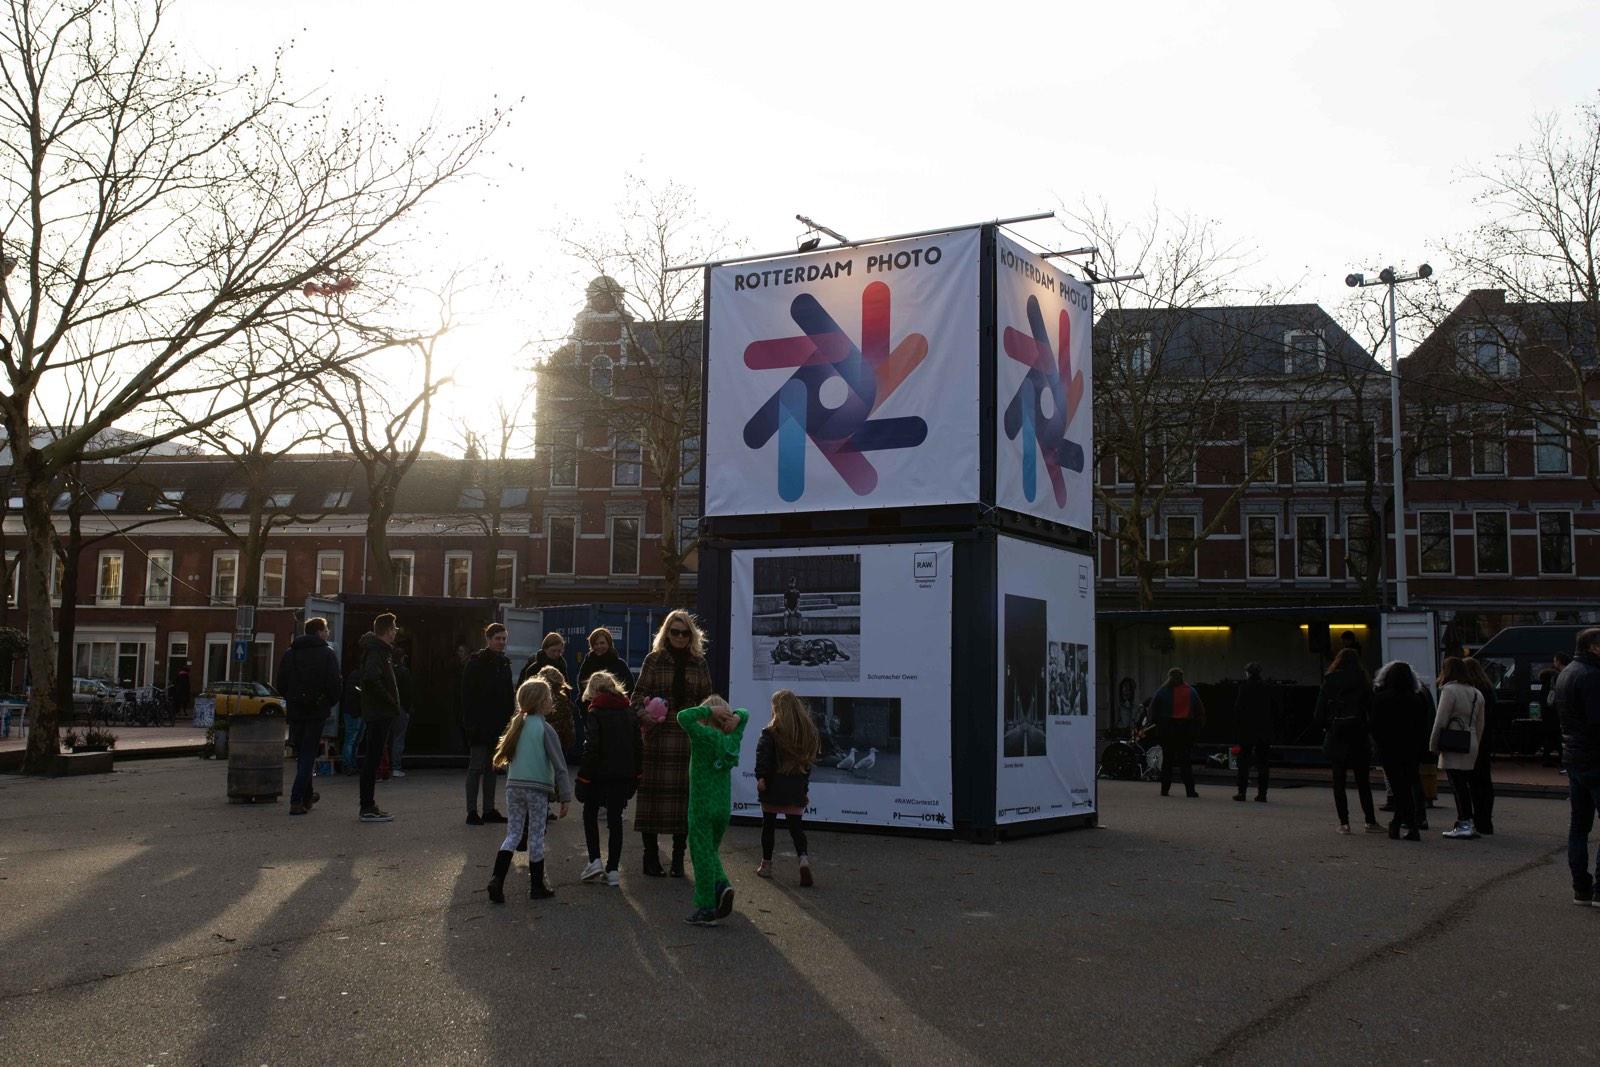 foto van Annick van Santen, mensen op straat bij promotiekubus Rotterdam Photo 2019